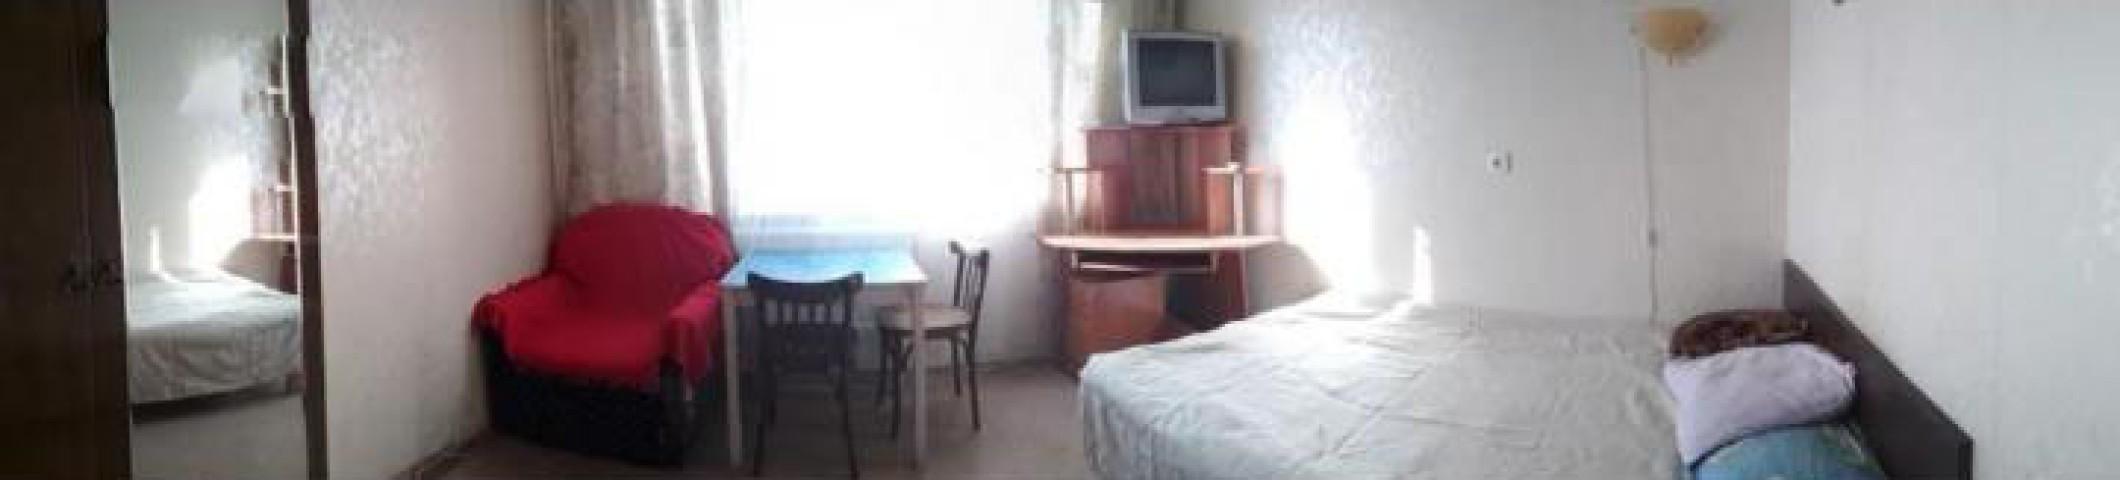 Аренда комнаты Богатырский пр-кт, 30 корп. 2 - фото 2 из 3